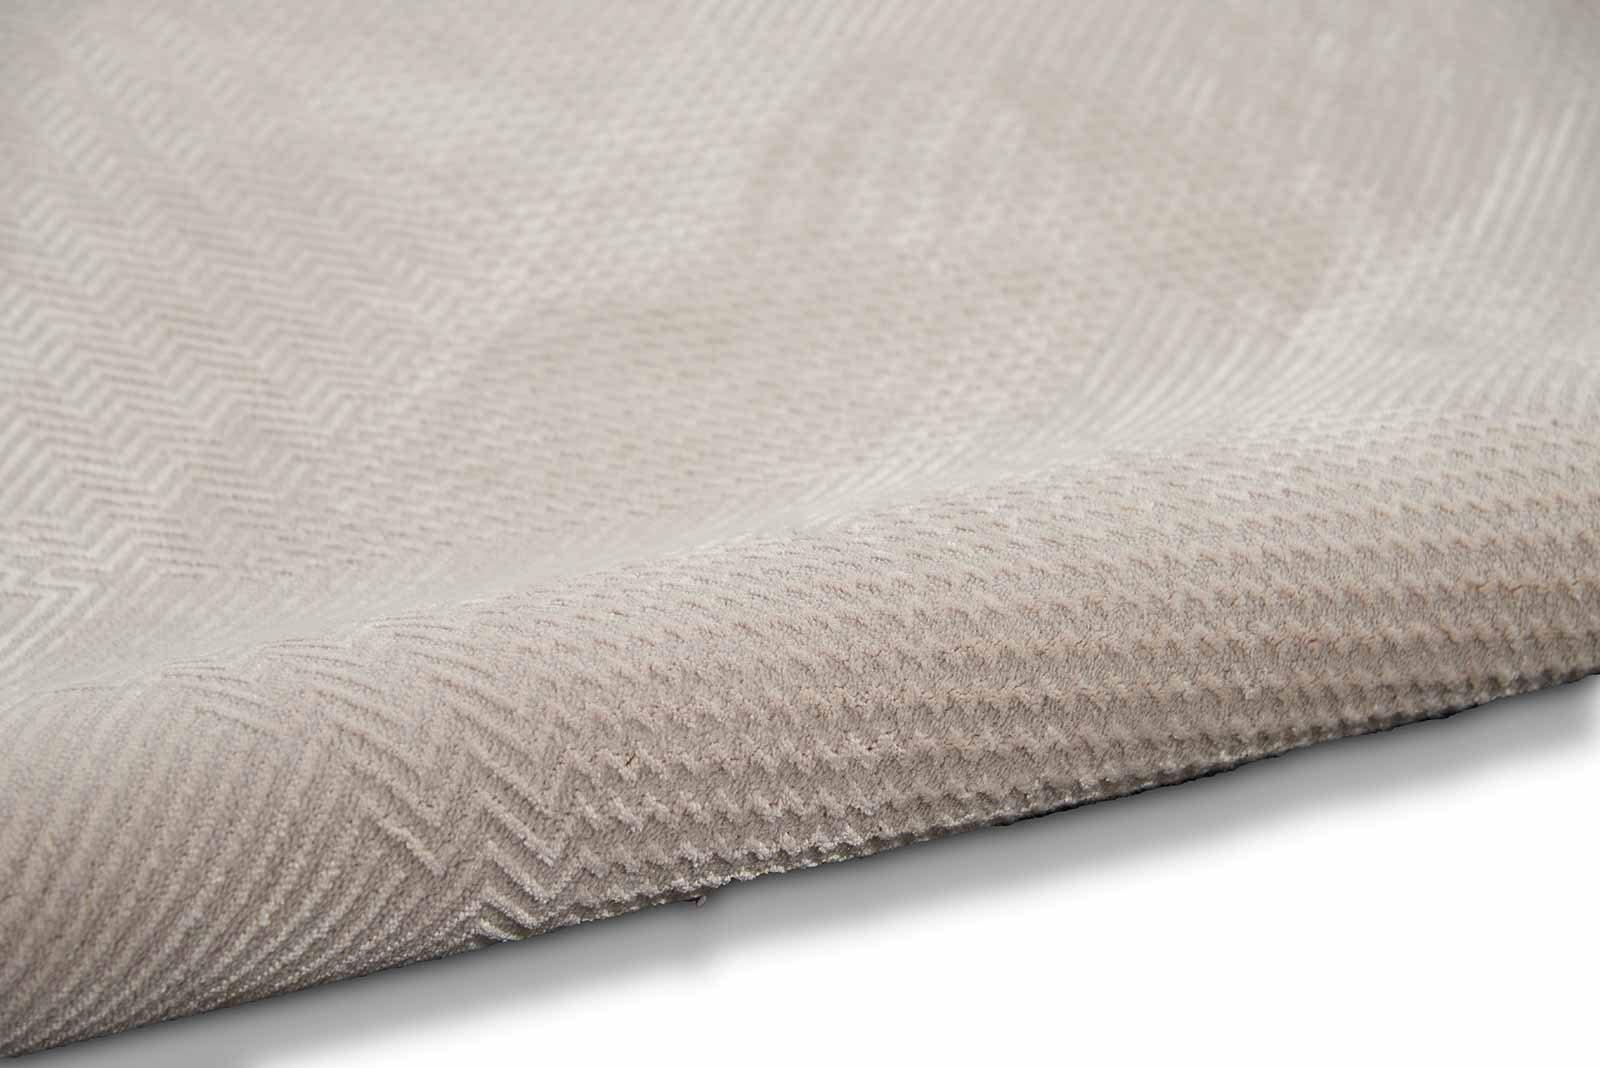 Calvin Klein rug Orlando CK850 CK852 GREY BEIGE 2x8 099446488213 tx1